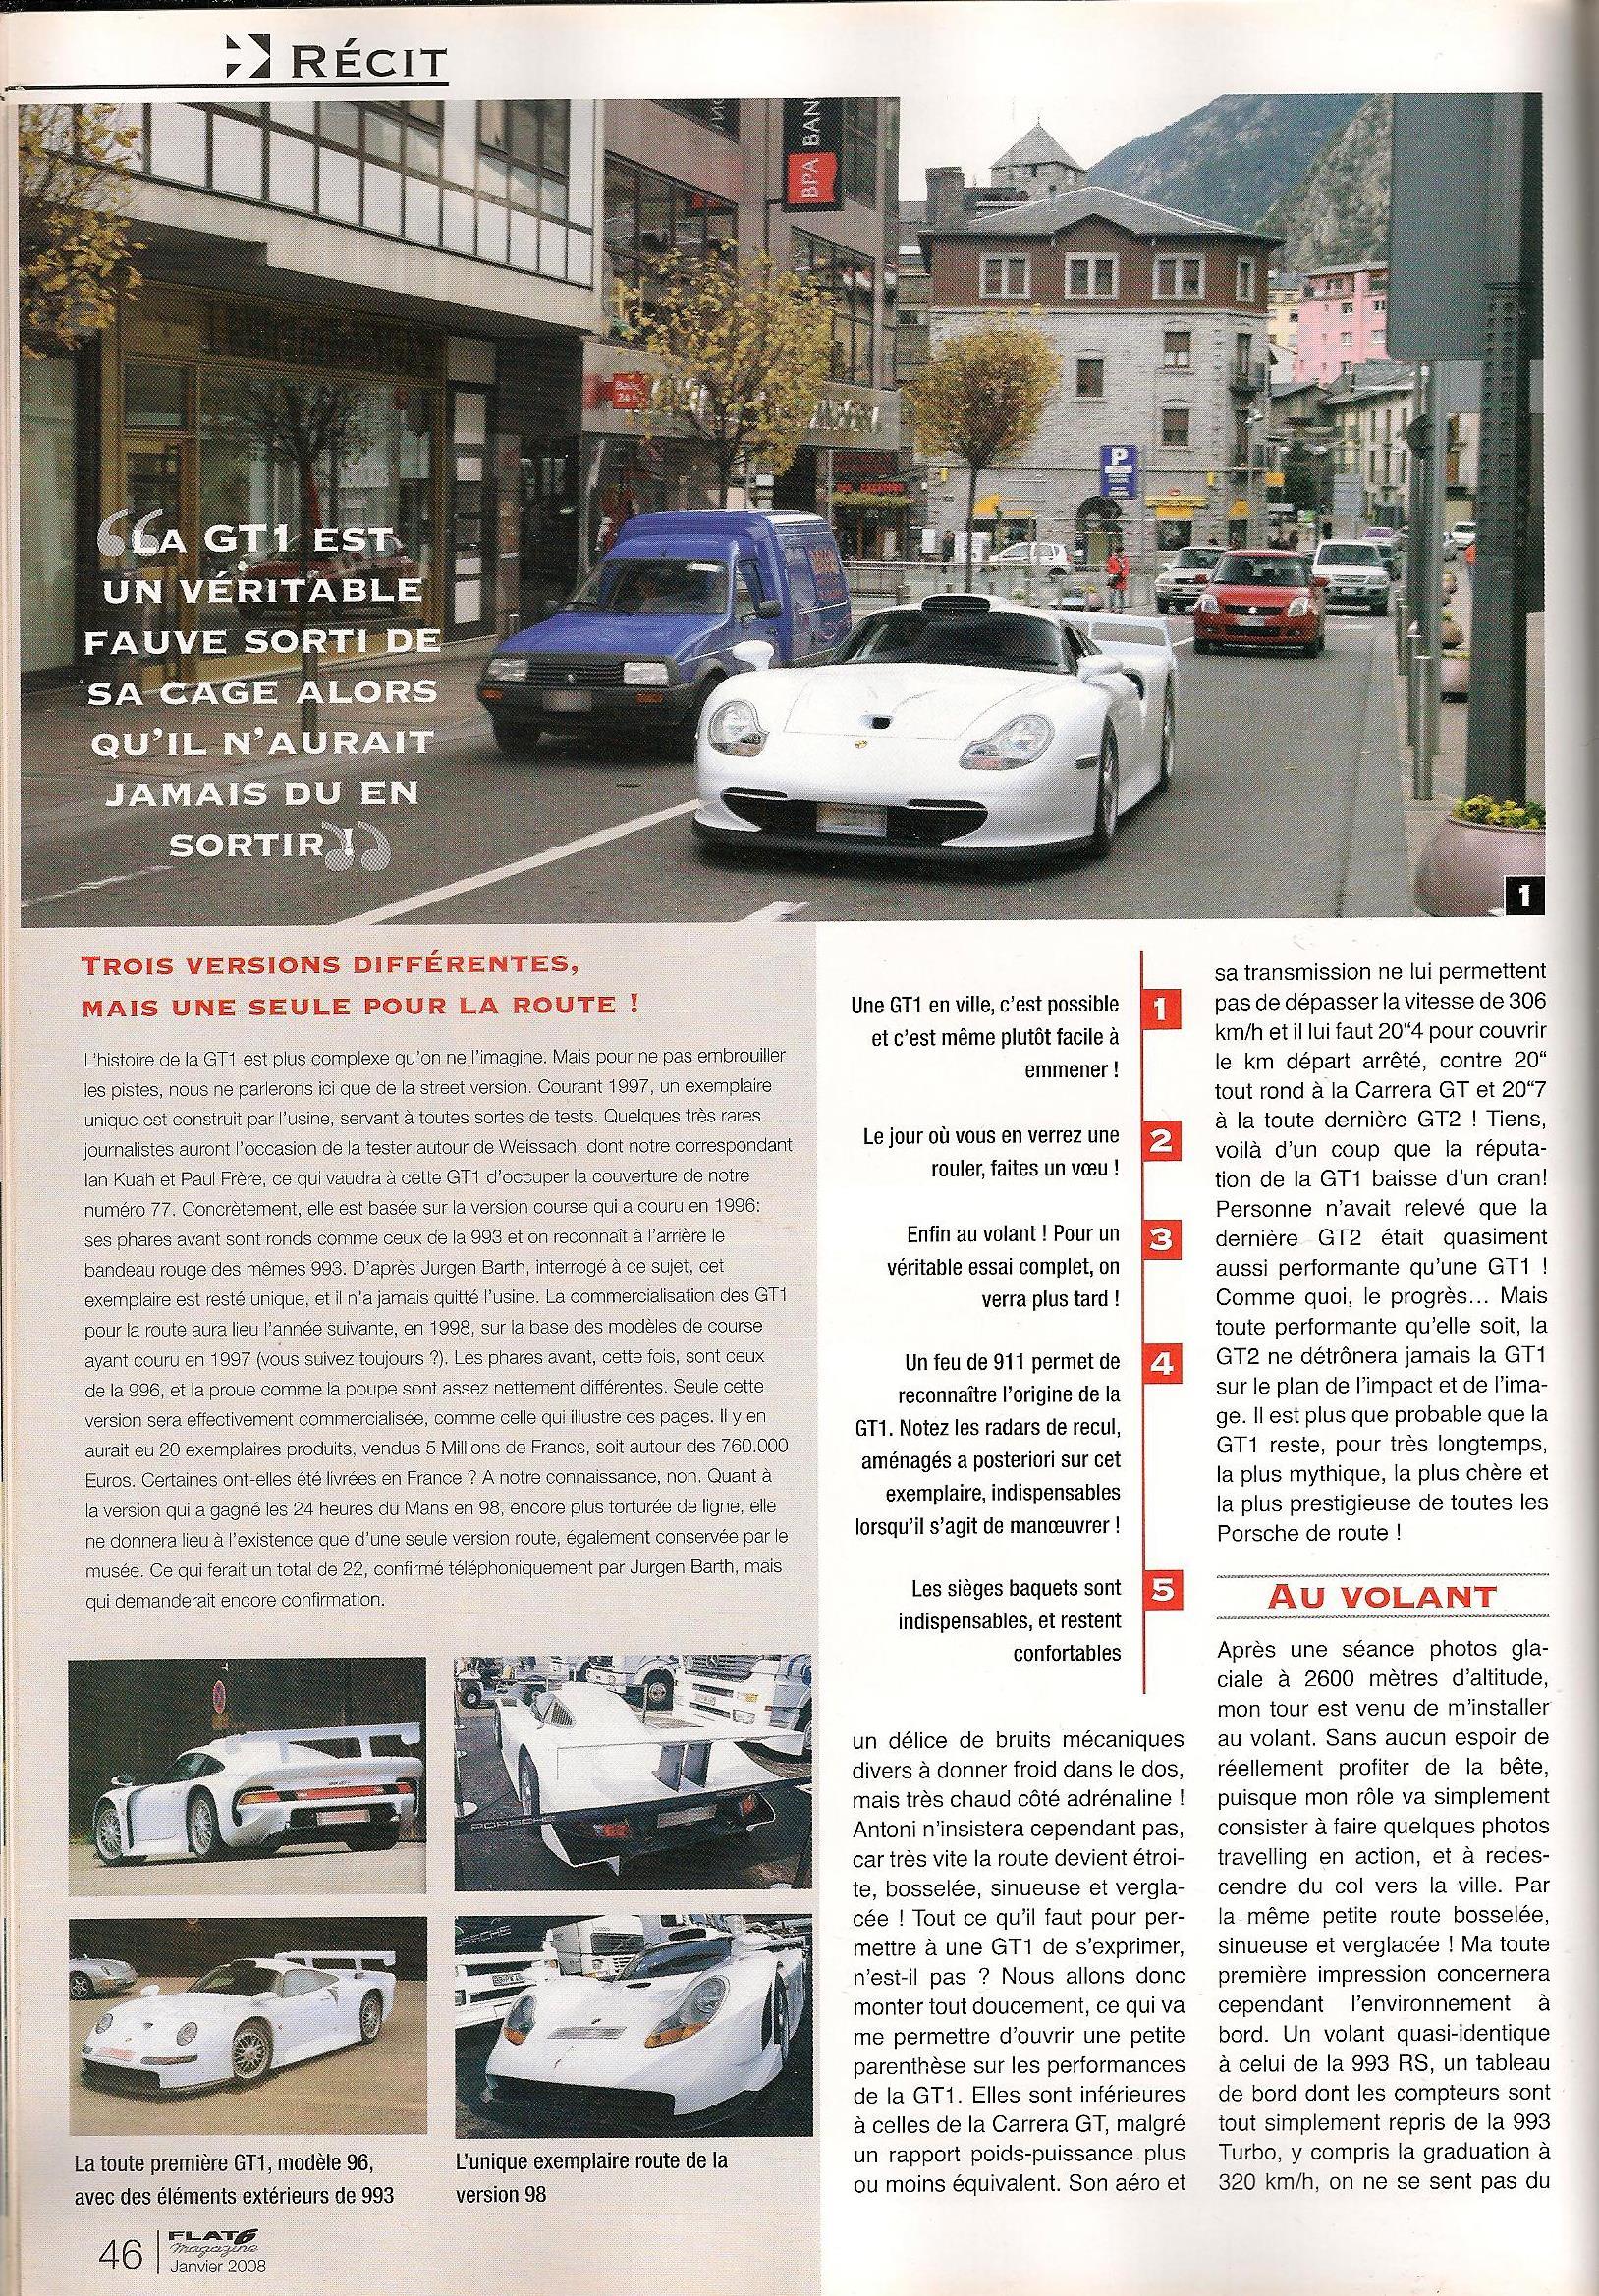 46 Cozy Prix D'une Porsche 911 Gt1 Cars Trend